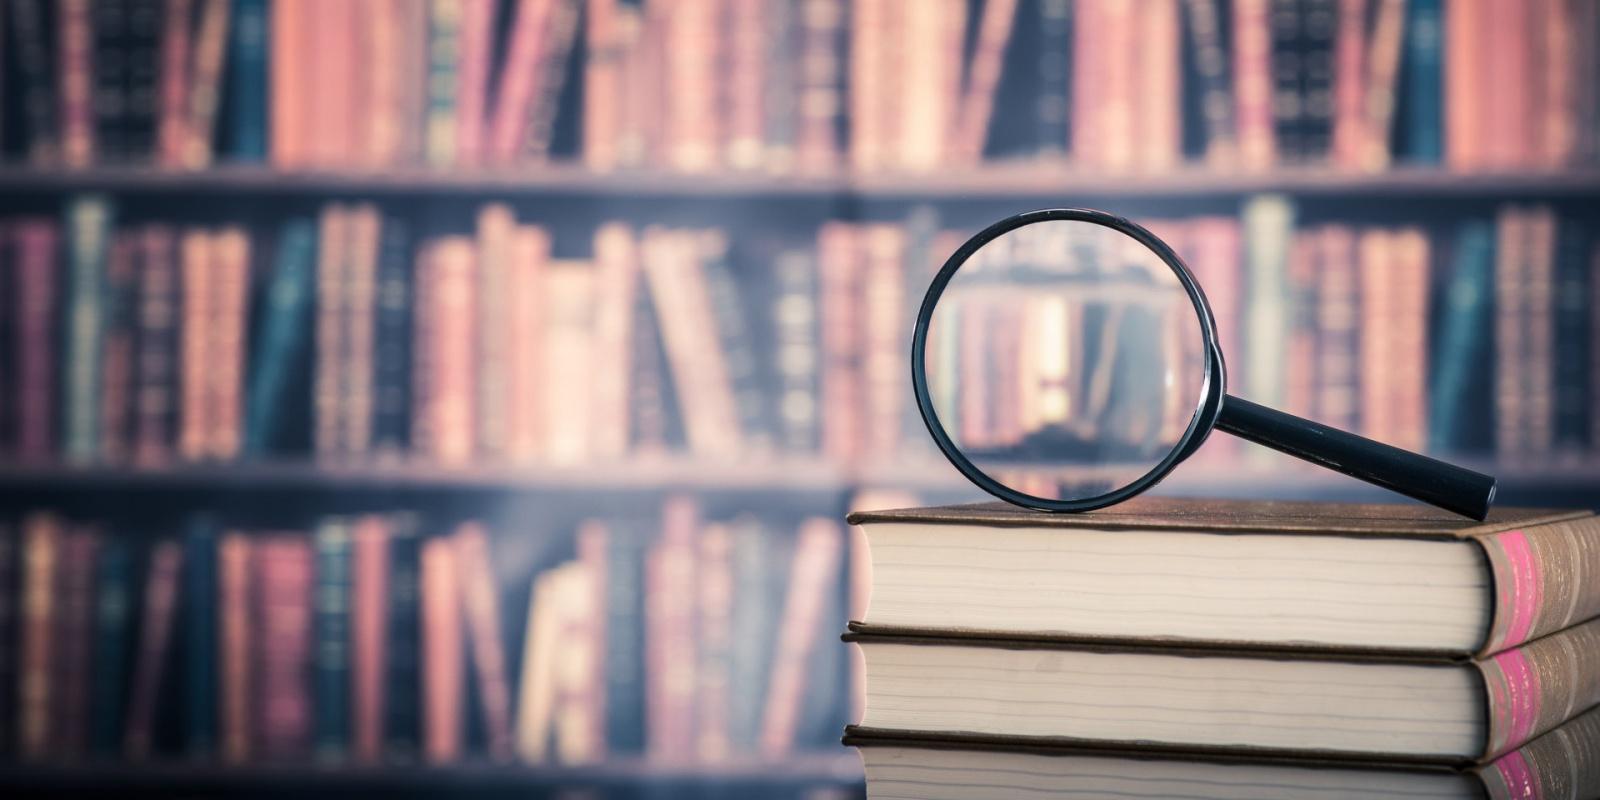 Лучшие практики для поисковой выдачи - 1